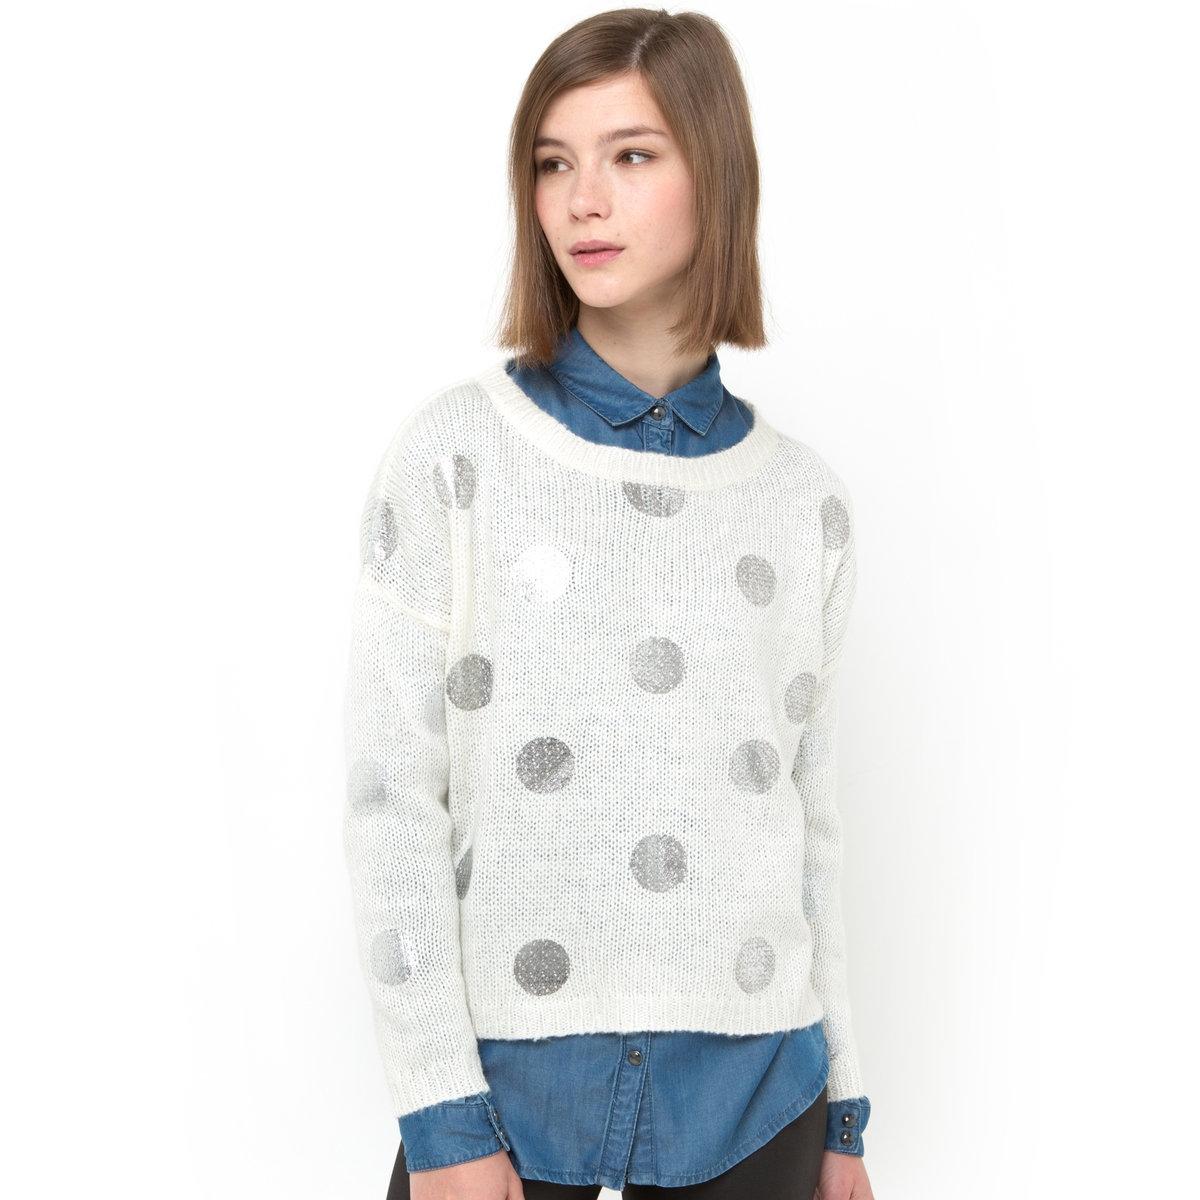 Пуловер в блестящий горошекПуловер из трикотажа, 100% акрил. Вырез-лодочка. Квадратный покрой. Края рукавов и низ связаны в рубчик. Длинные рукава. Длина: 53 см.<br><br>Цвет: экрю